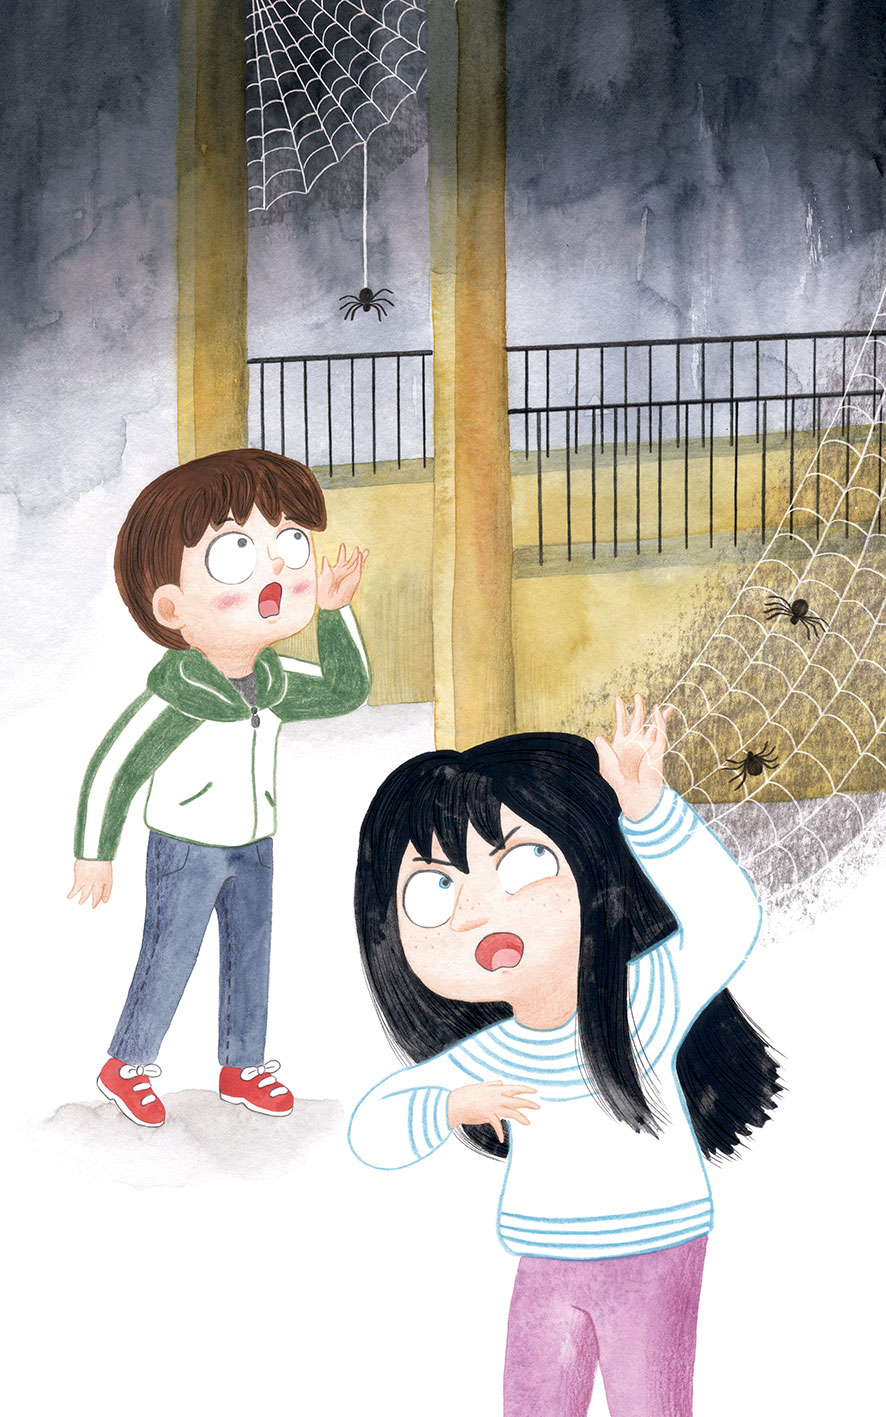 O misterio dos fillos de Lúa, SM, Xerme, El Barco de Vapor, serie naranja, Fina Casalderrey, ilustración de gatos, ilustración infantil, ilustración de escena de noche,